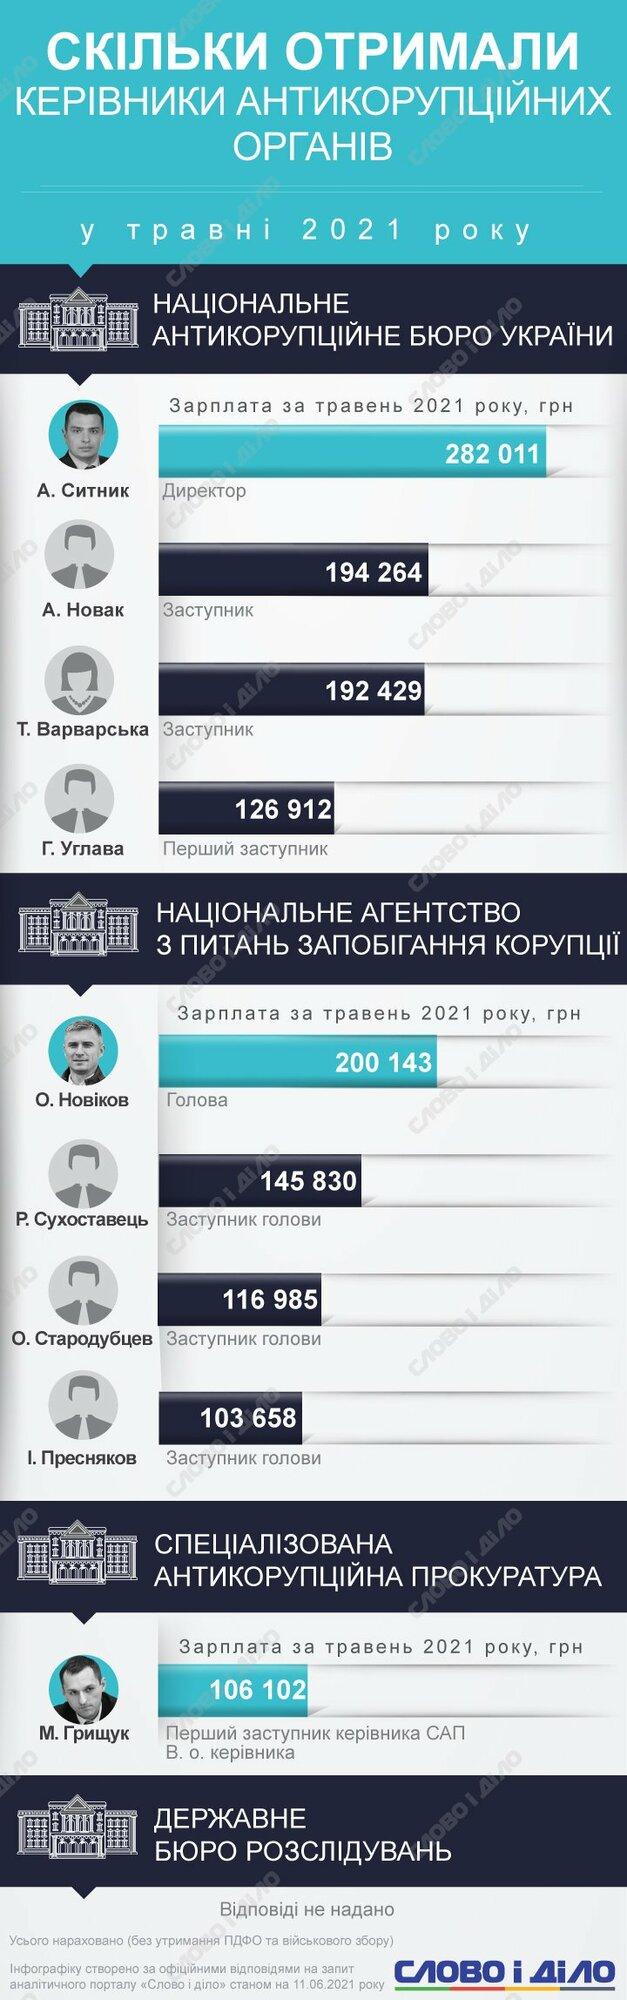 Самая высокая зарплата в мае была у Артема Сытника – директор НАБУ заработал 282 тысячи гривен.